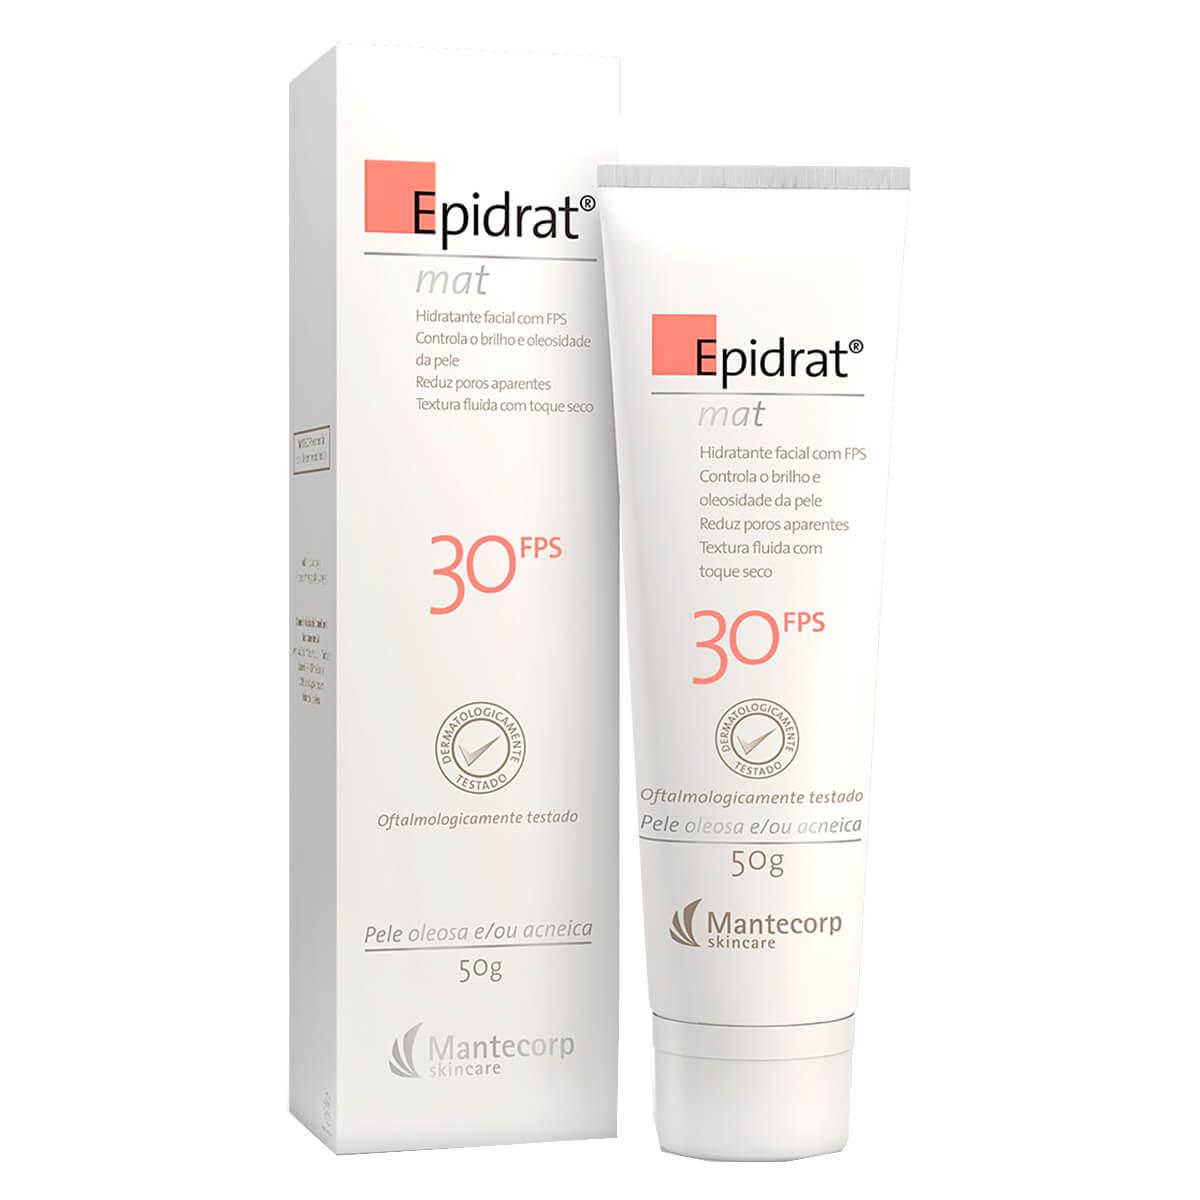 Hidratante Facial Epidrat Mat Mantecorp Efeito Mate FPS 30 com 50g 50g